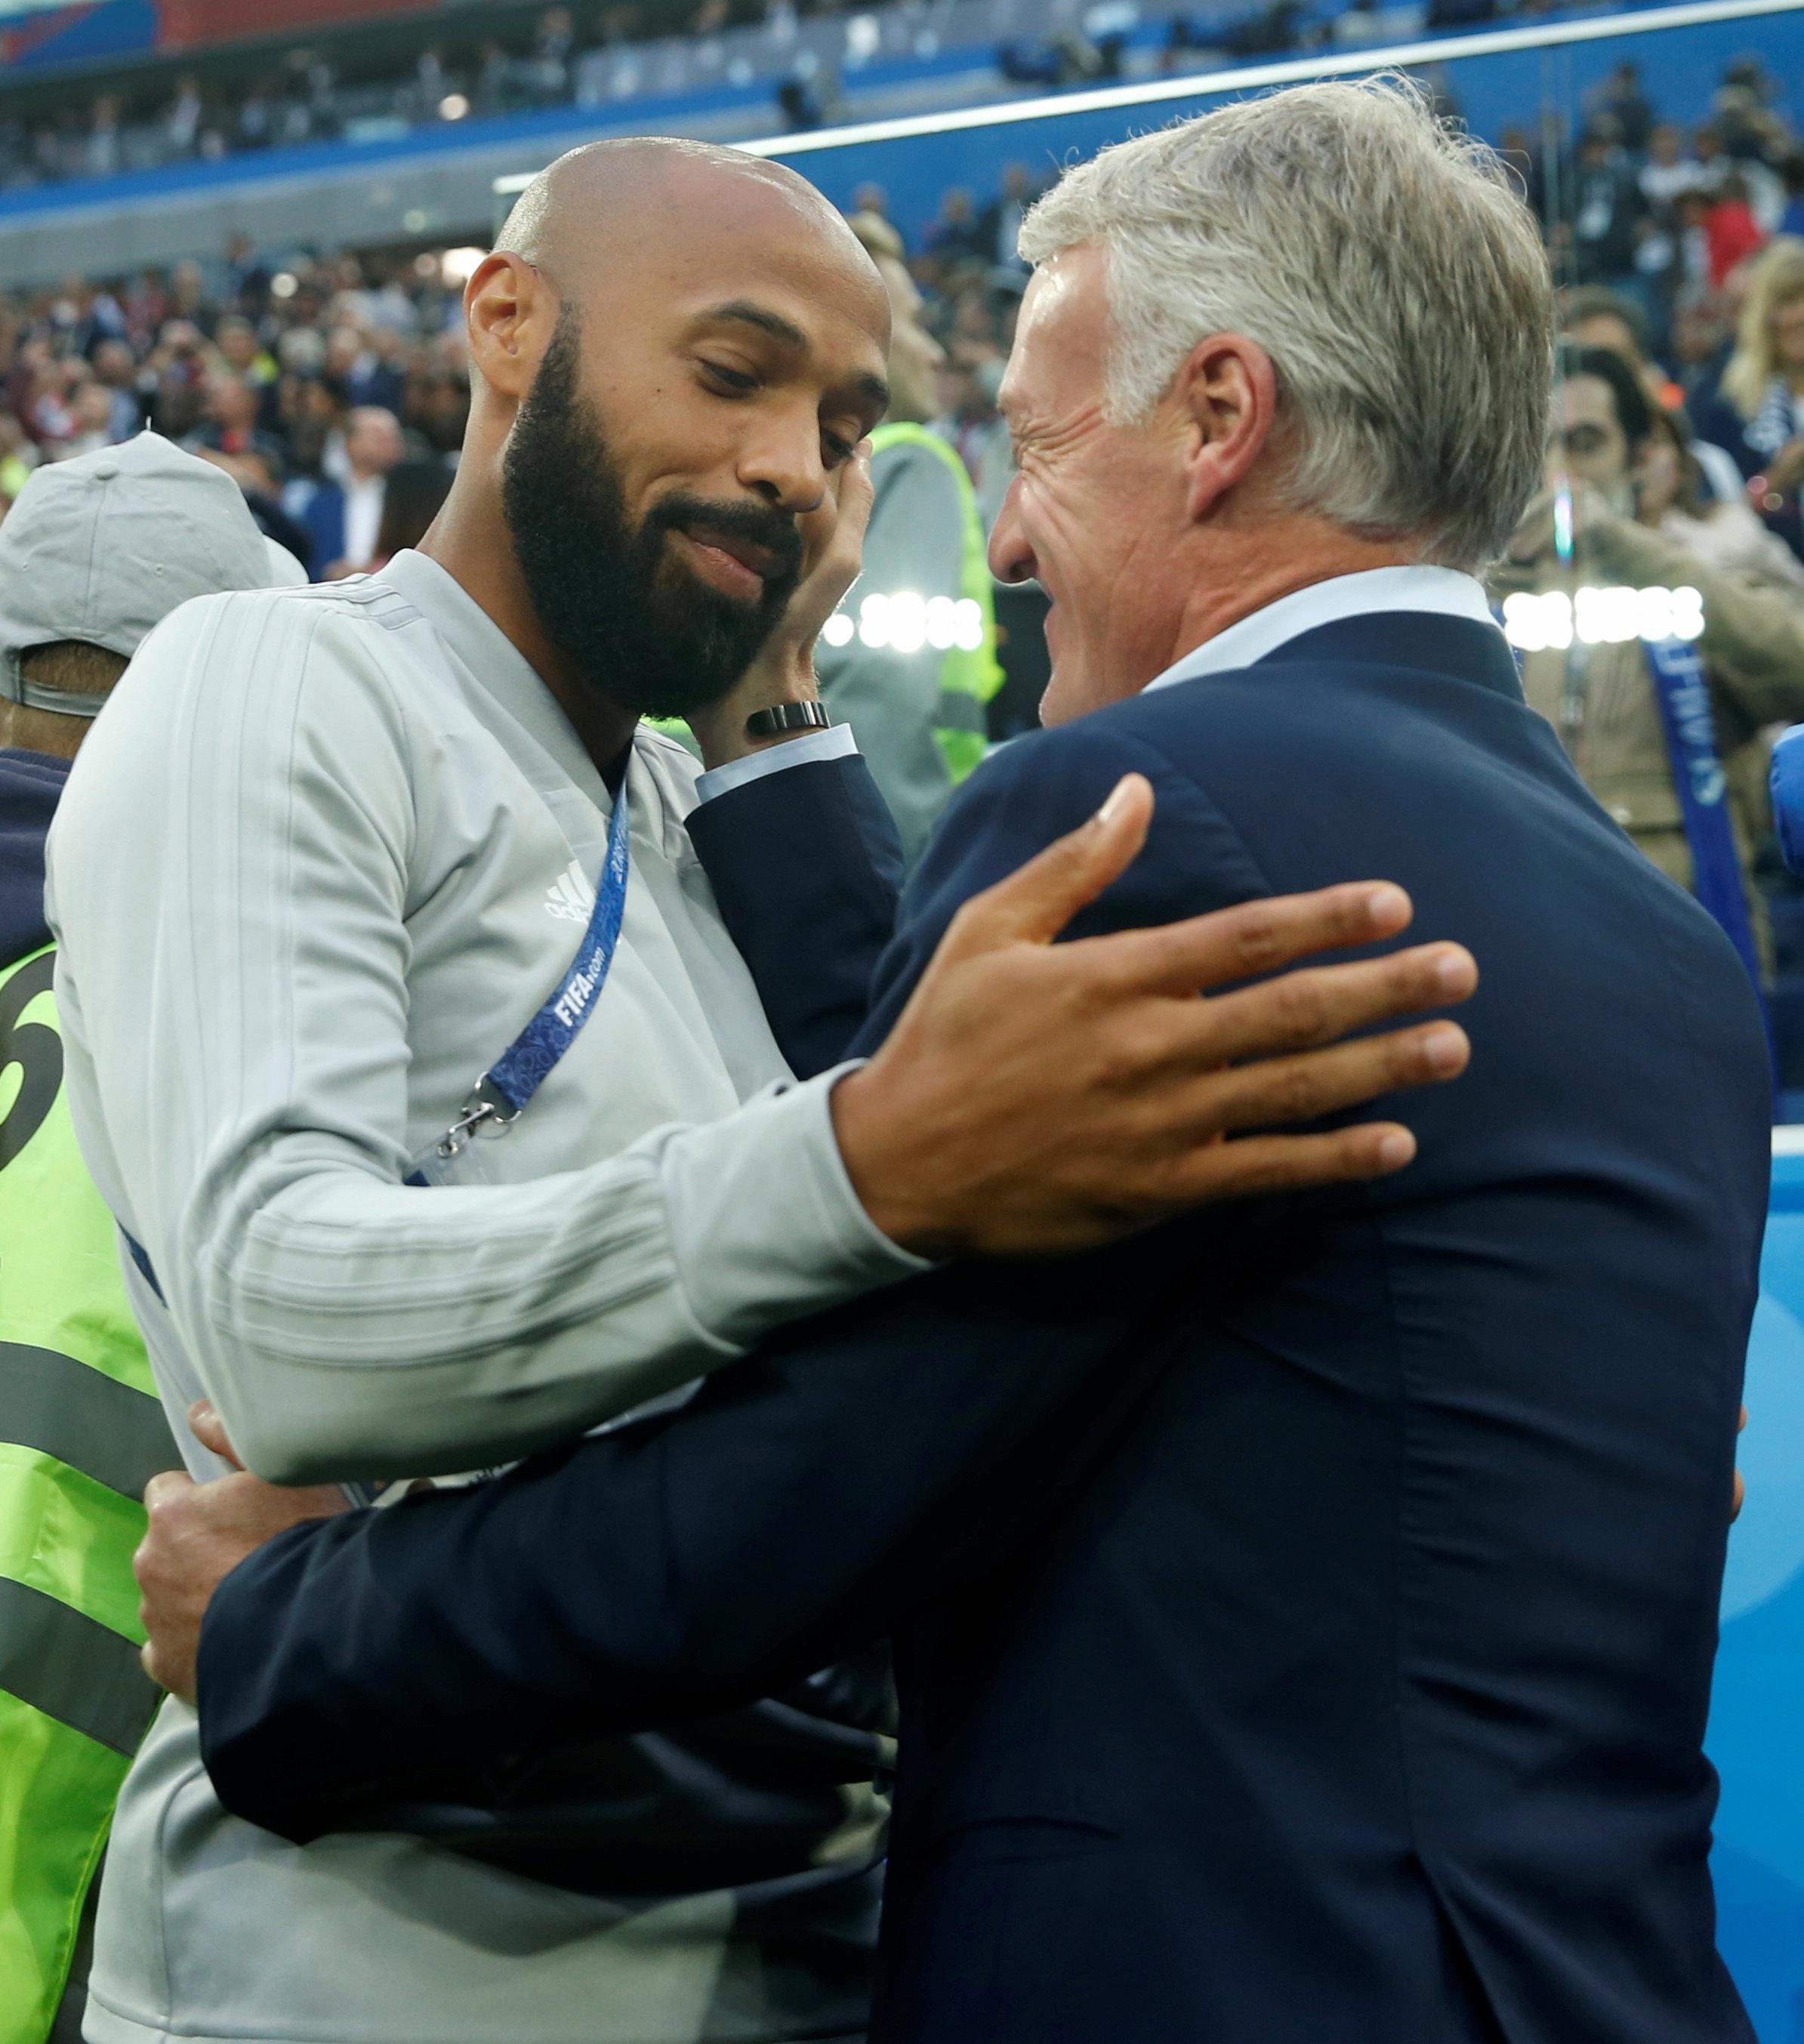 Coupe du monde 2018 les plus beaux clich s de france belgique russie 2018 coupe du monde - Le plus beau coup franc du monde ...